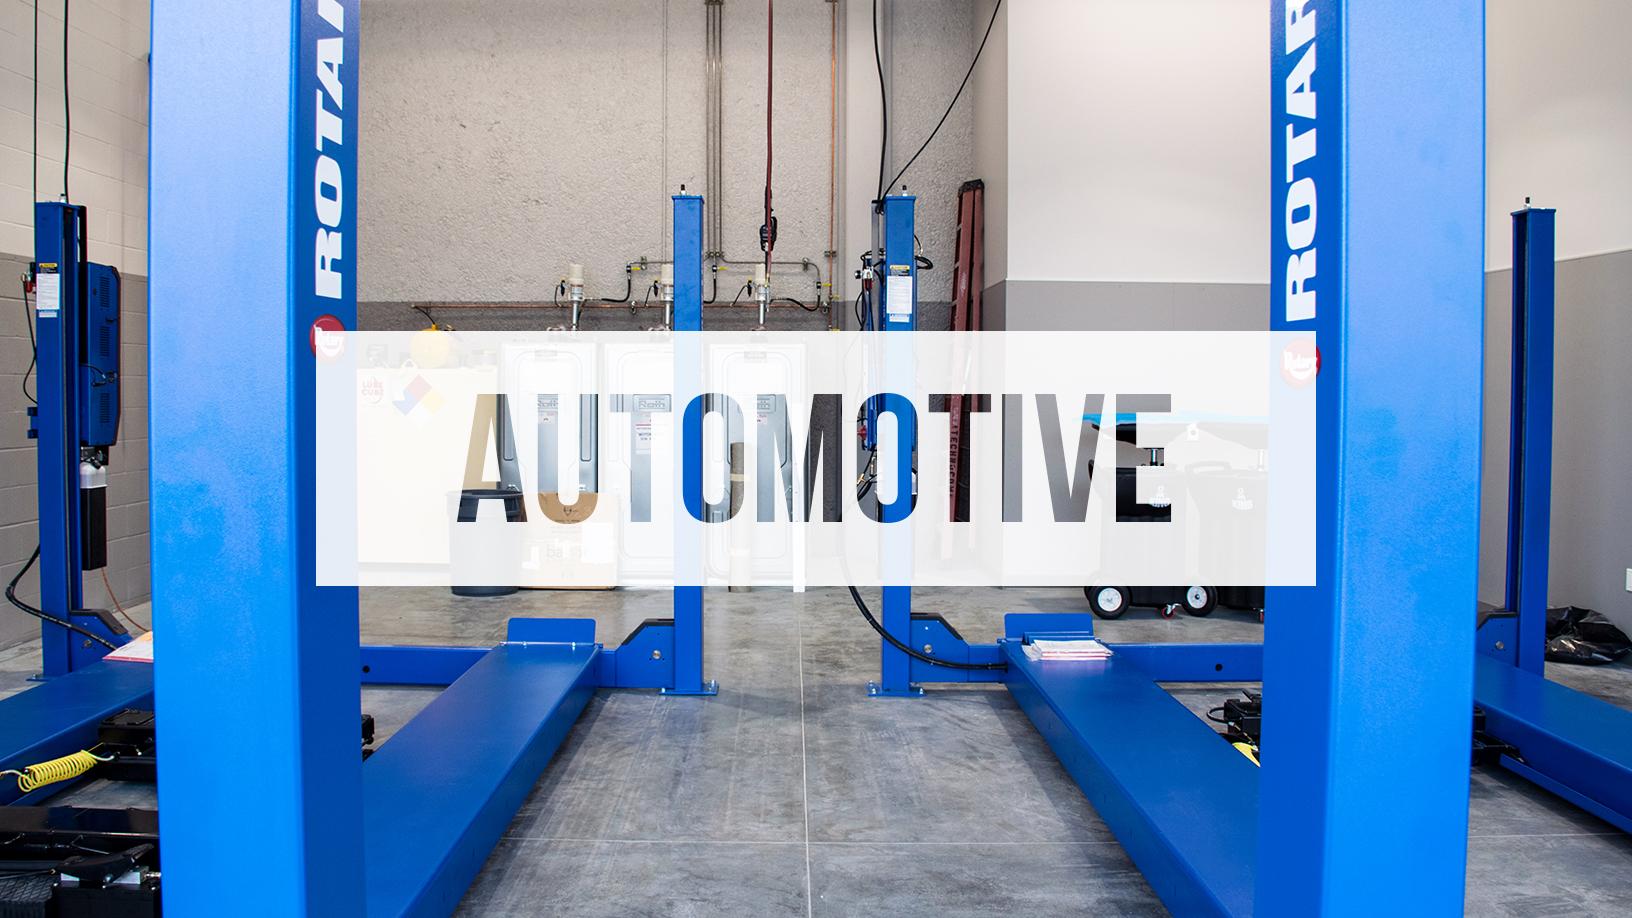 AUTOMOTIVE_BebasFont.jpg